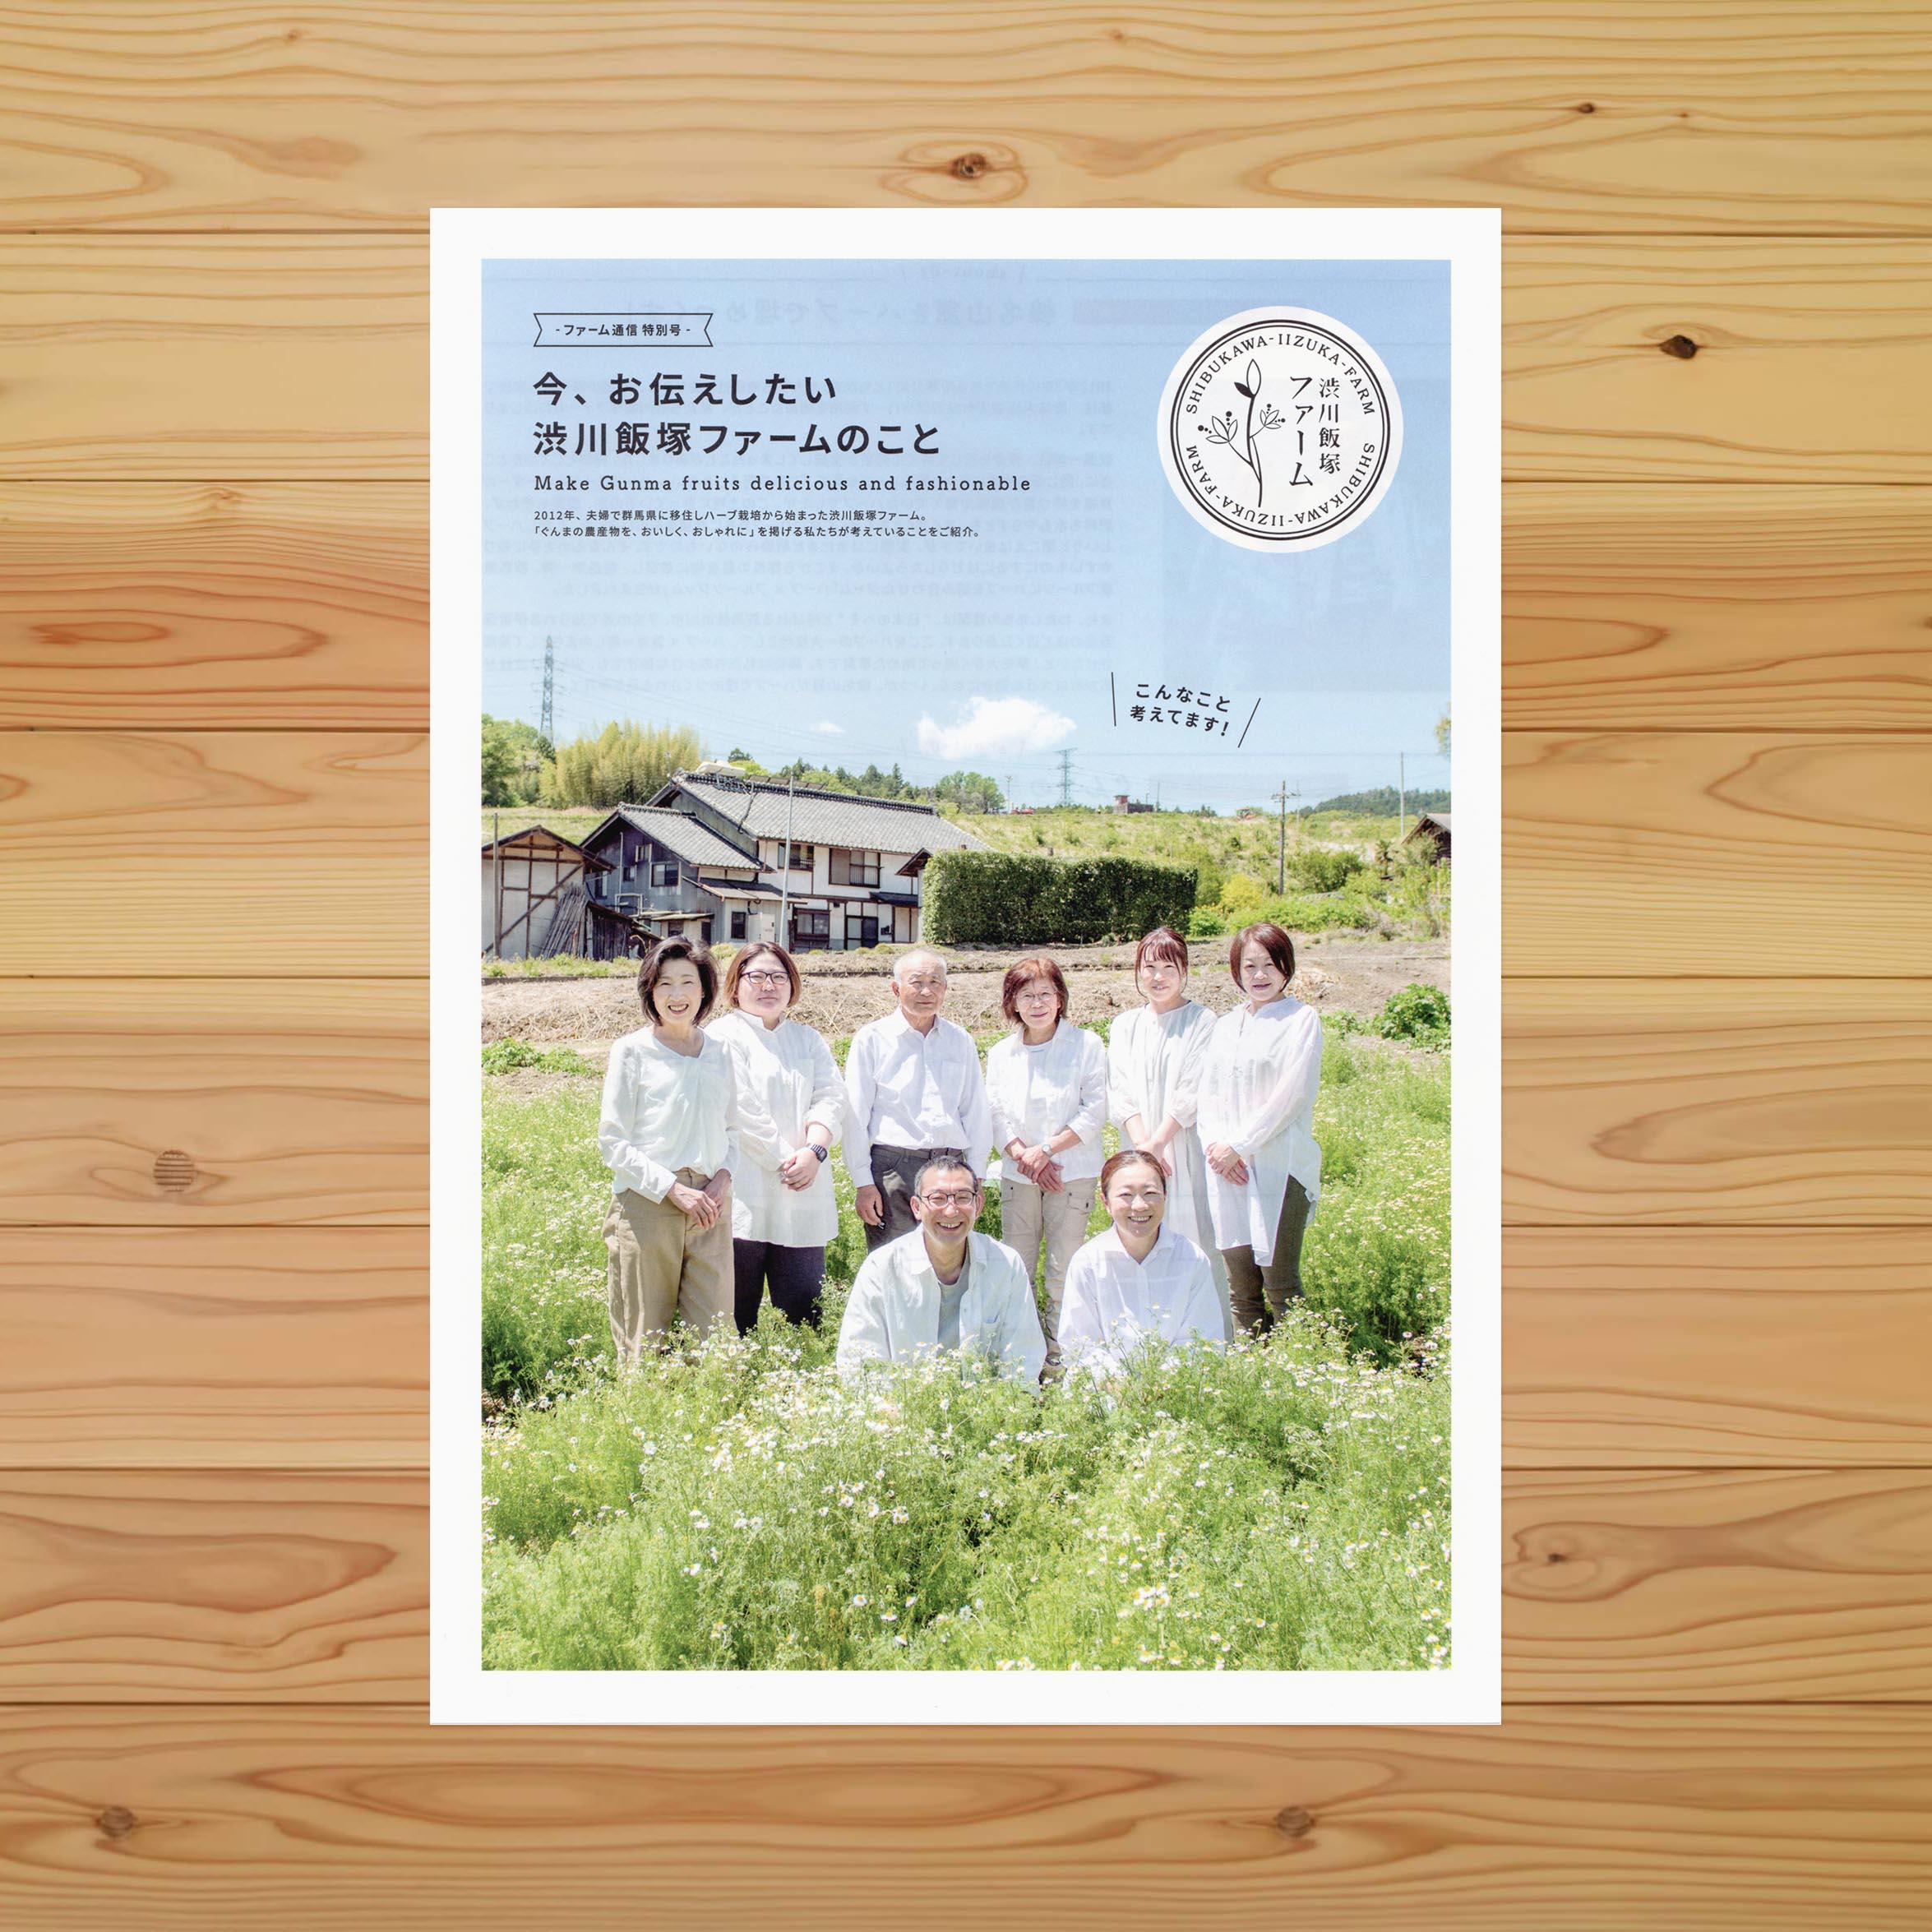 渋川飯塚ファーム/A4ペーパー表